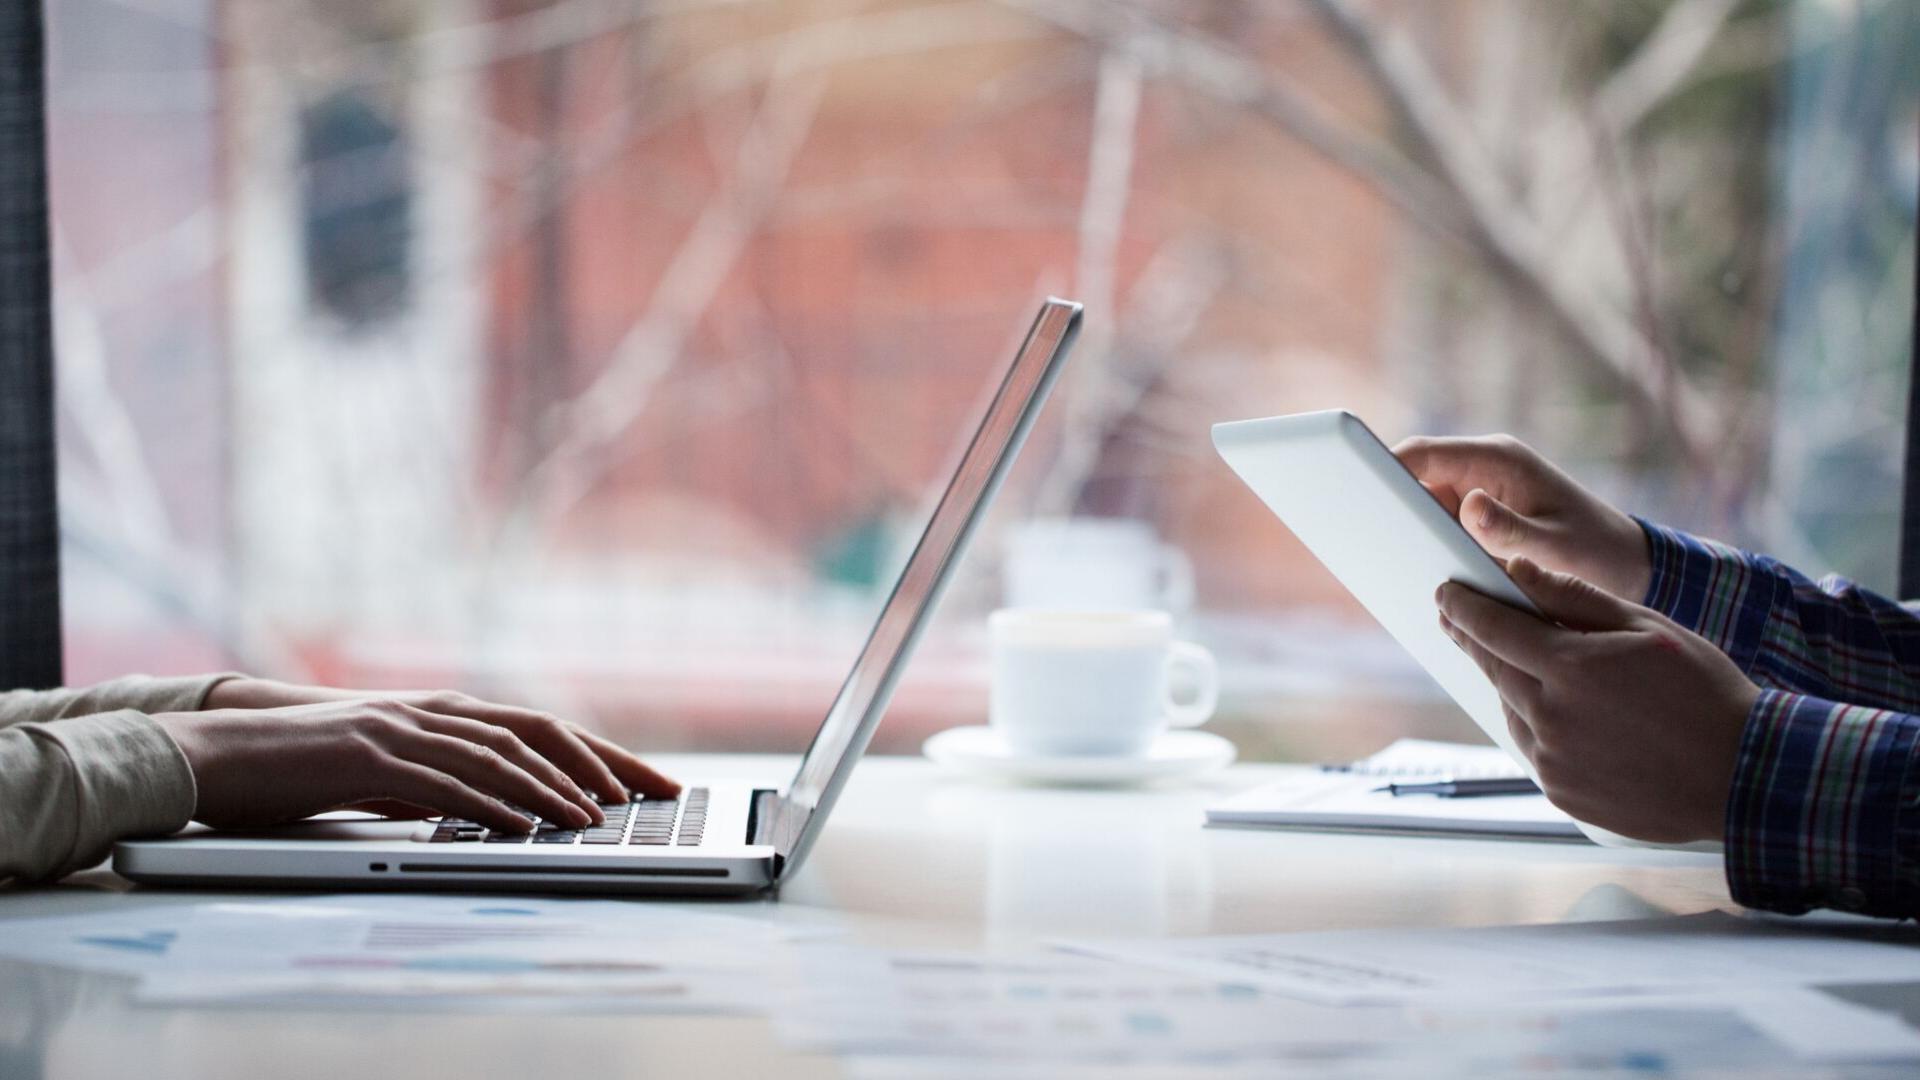 Blogolni, üzenet dekódolás   Cég & Brand